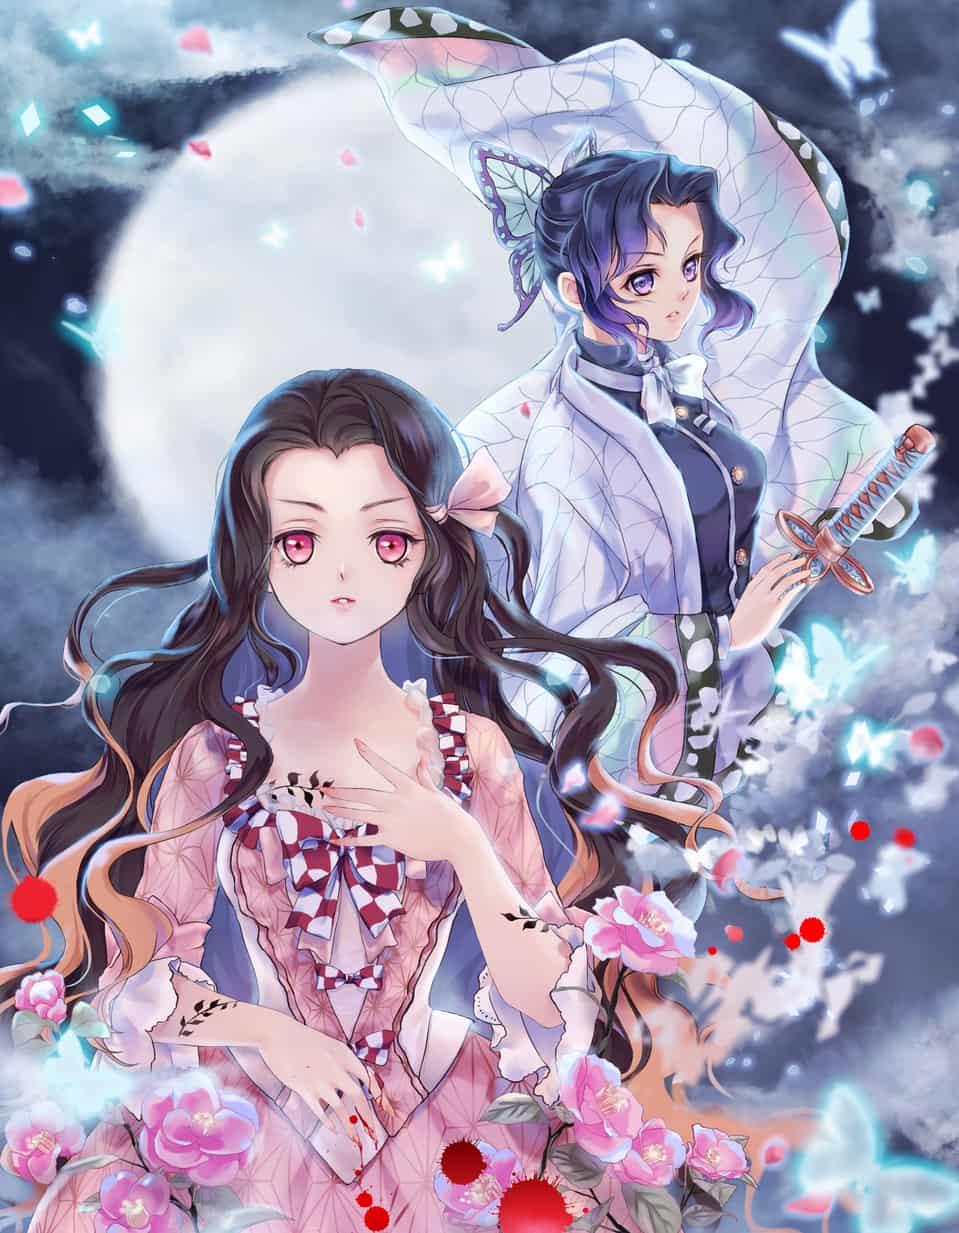 月下夜想 Illust of Caesar KamadoNezuko vampire Digital2D KochouShinobu KimetsunoYaiba illustrantion Vampirehunter